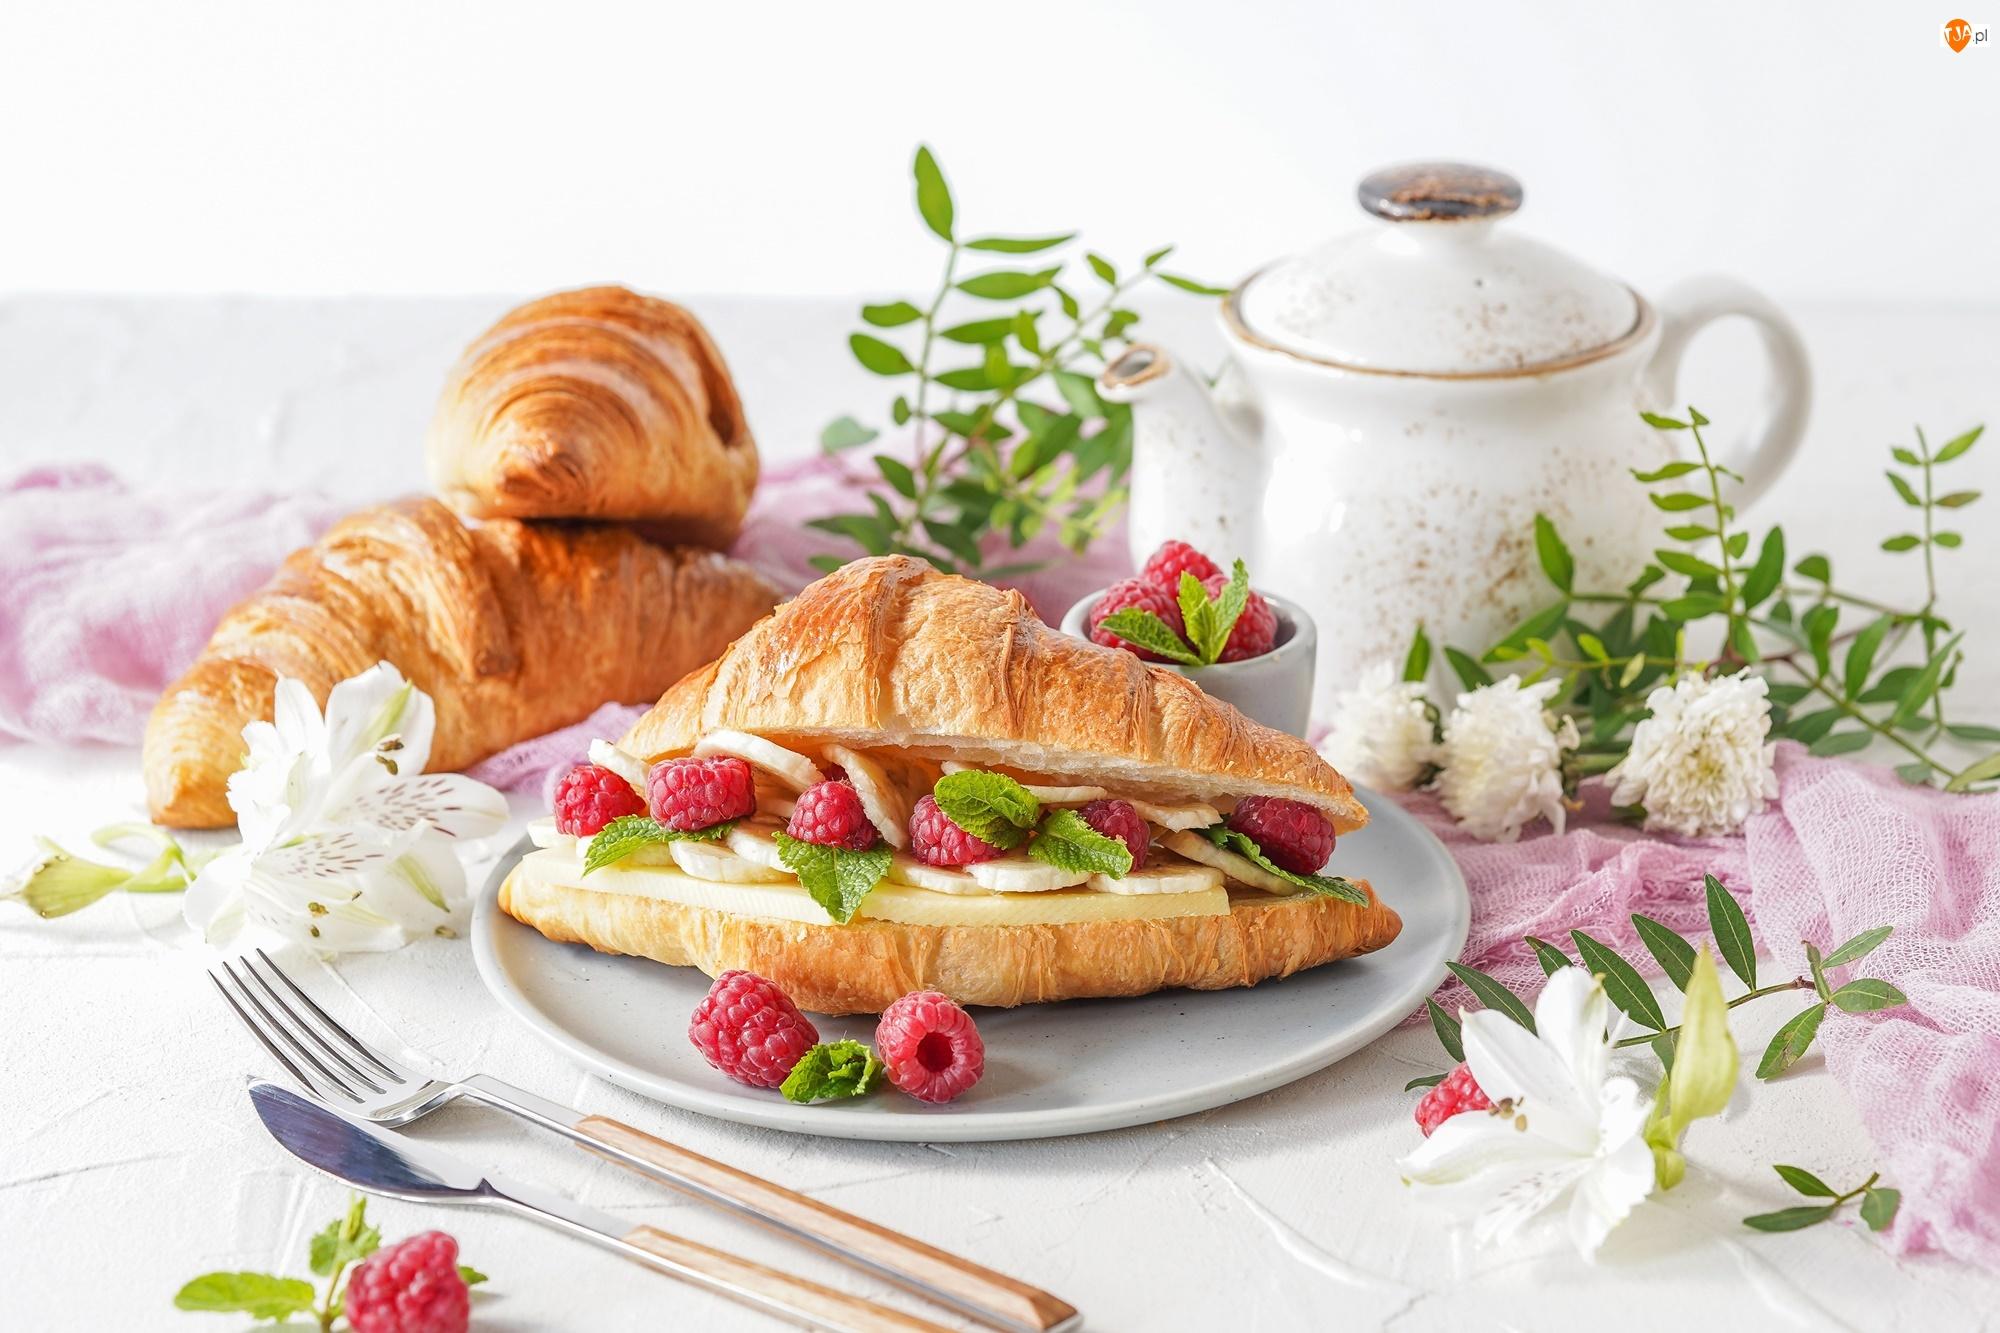 Maliny, Dzbanek, Owoce, Croissanty, Śniadanie